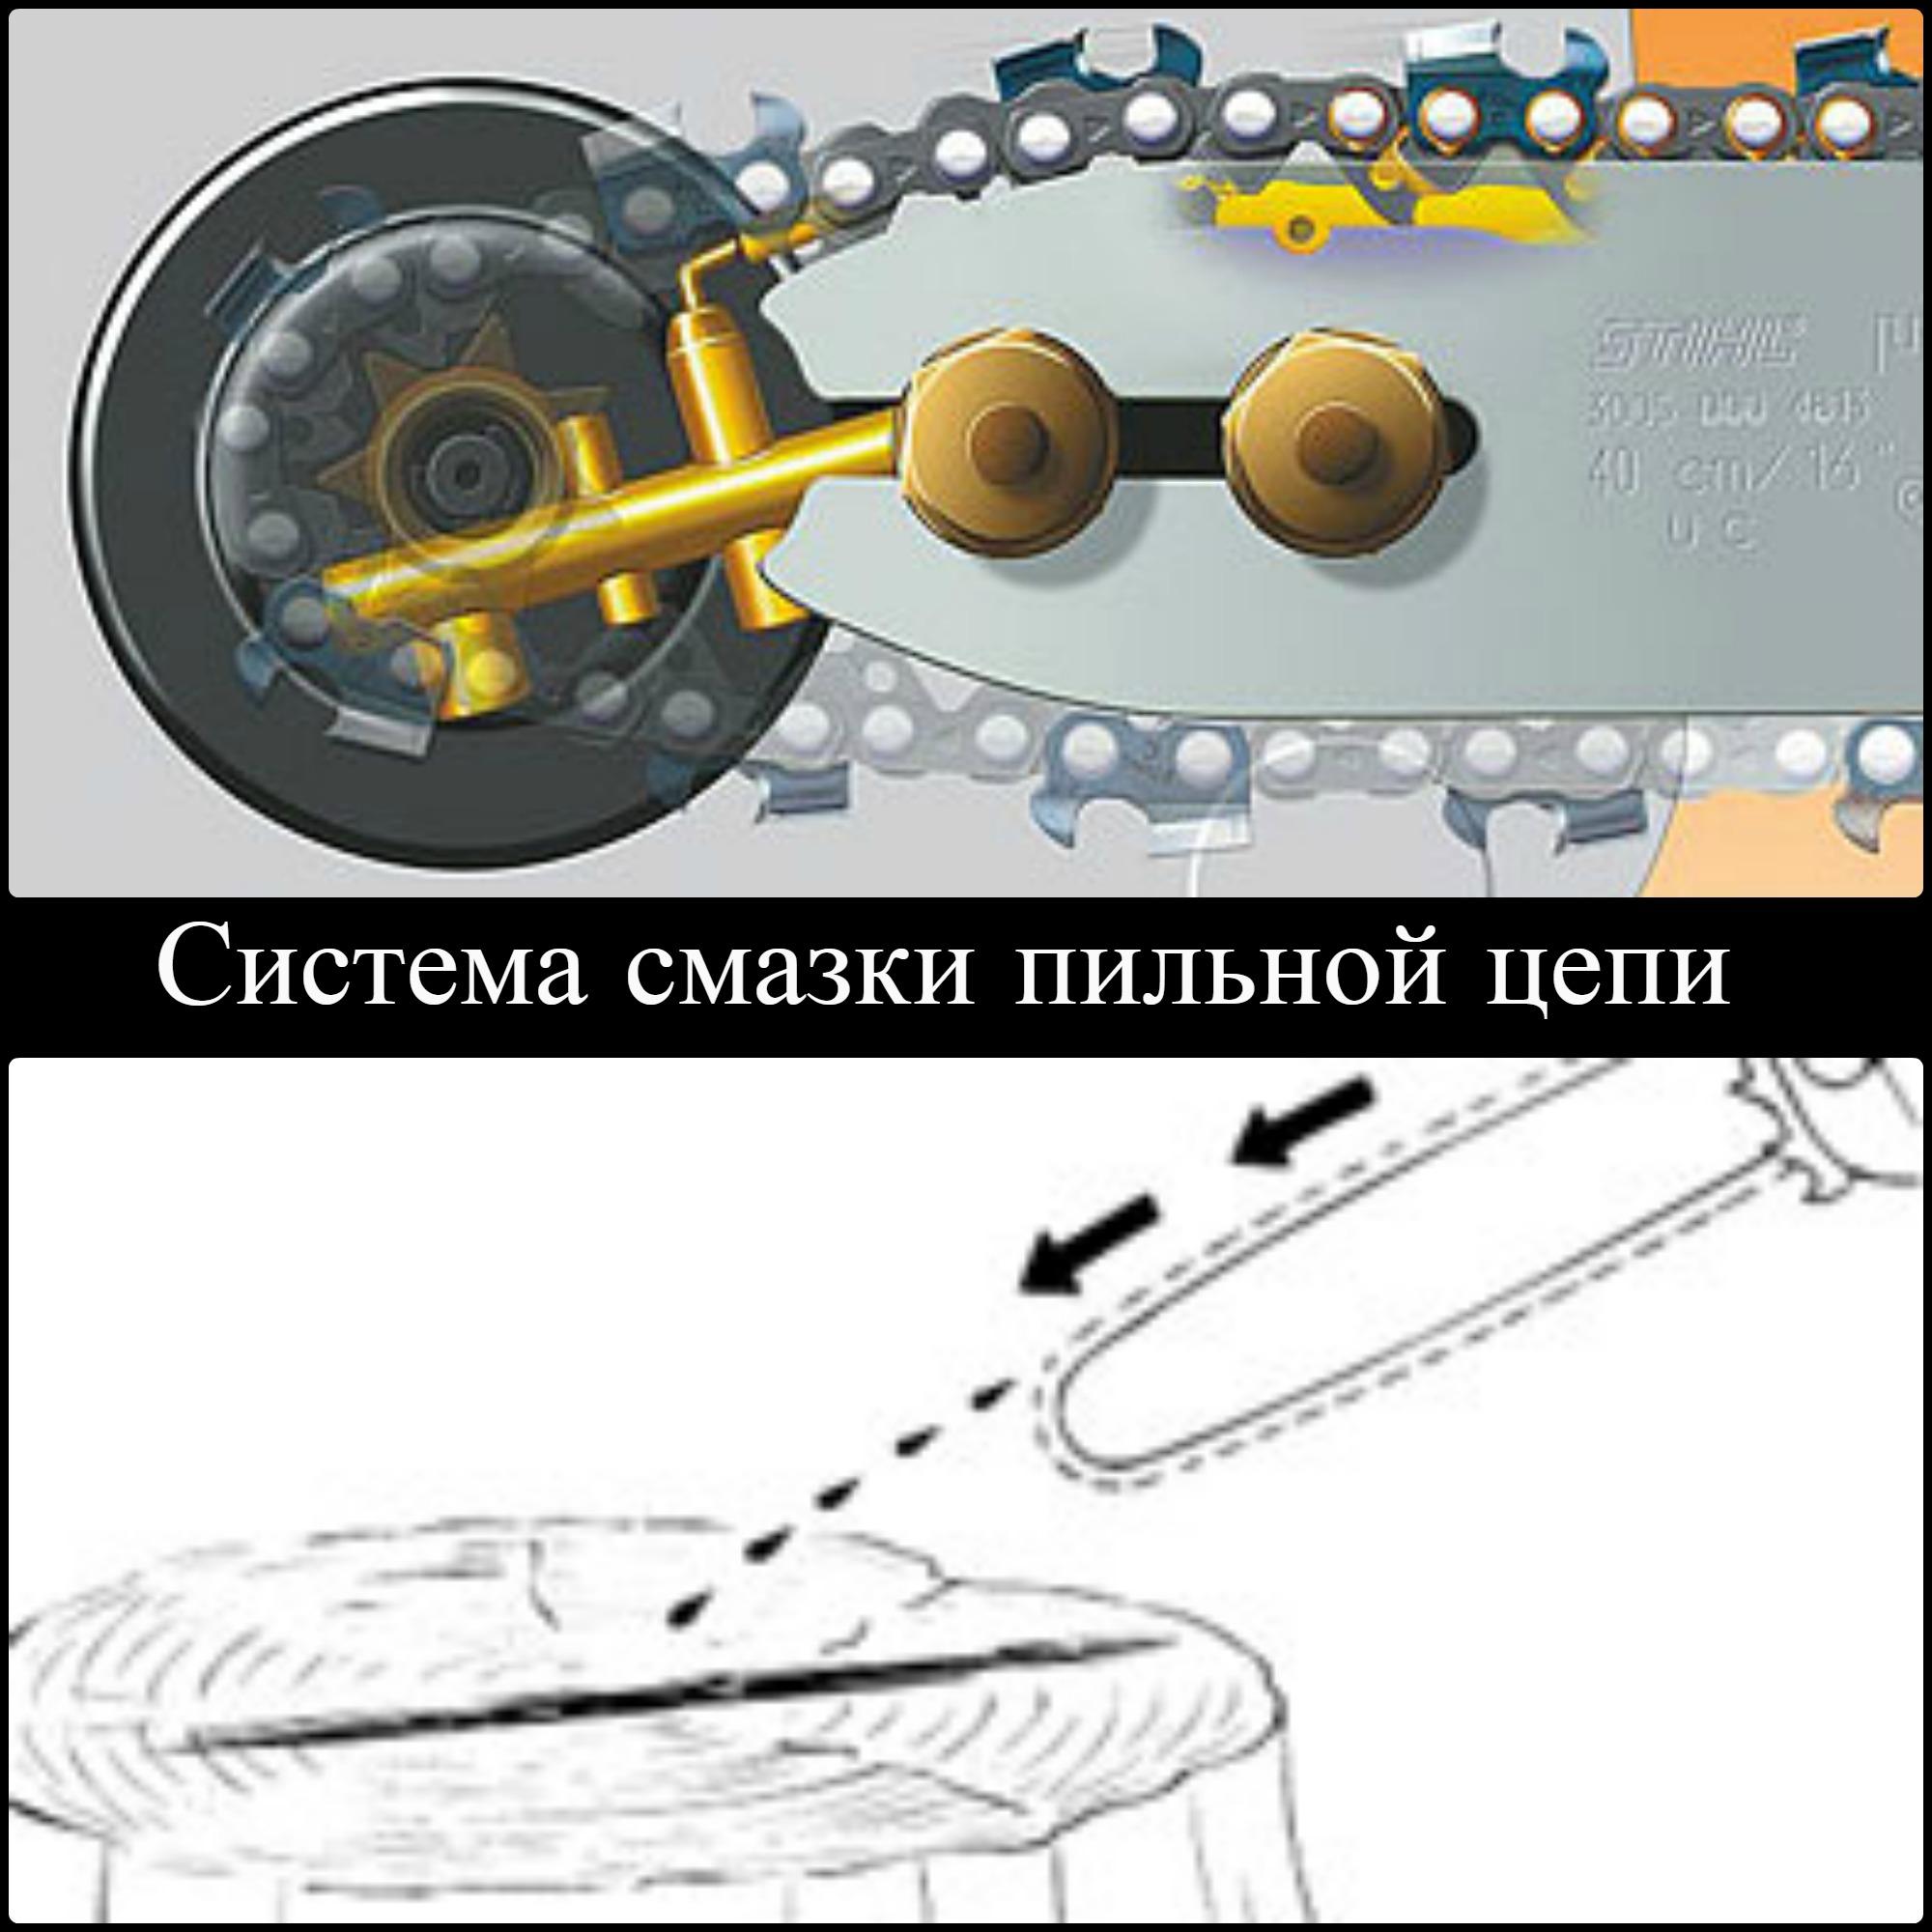 электропила парма м схема электрическая